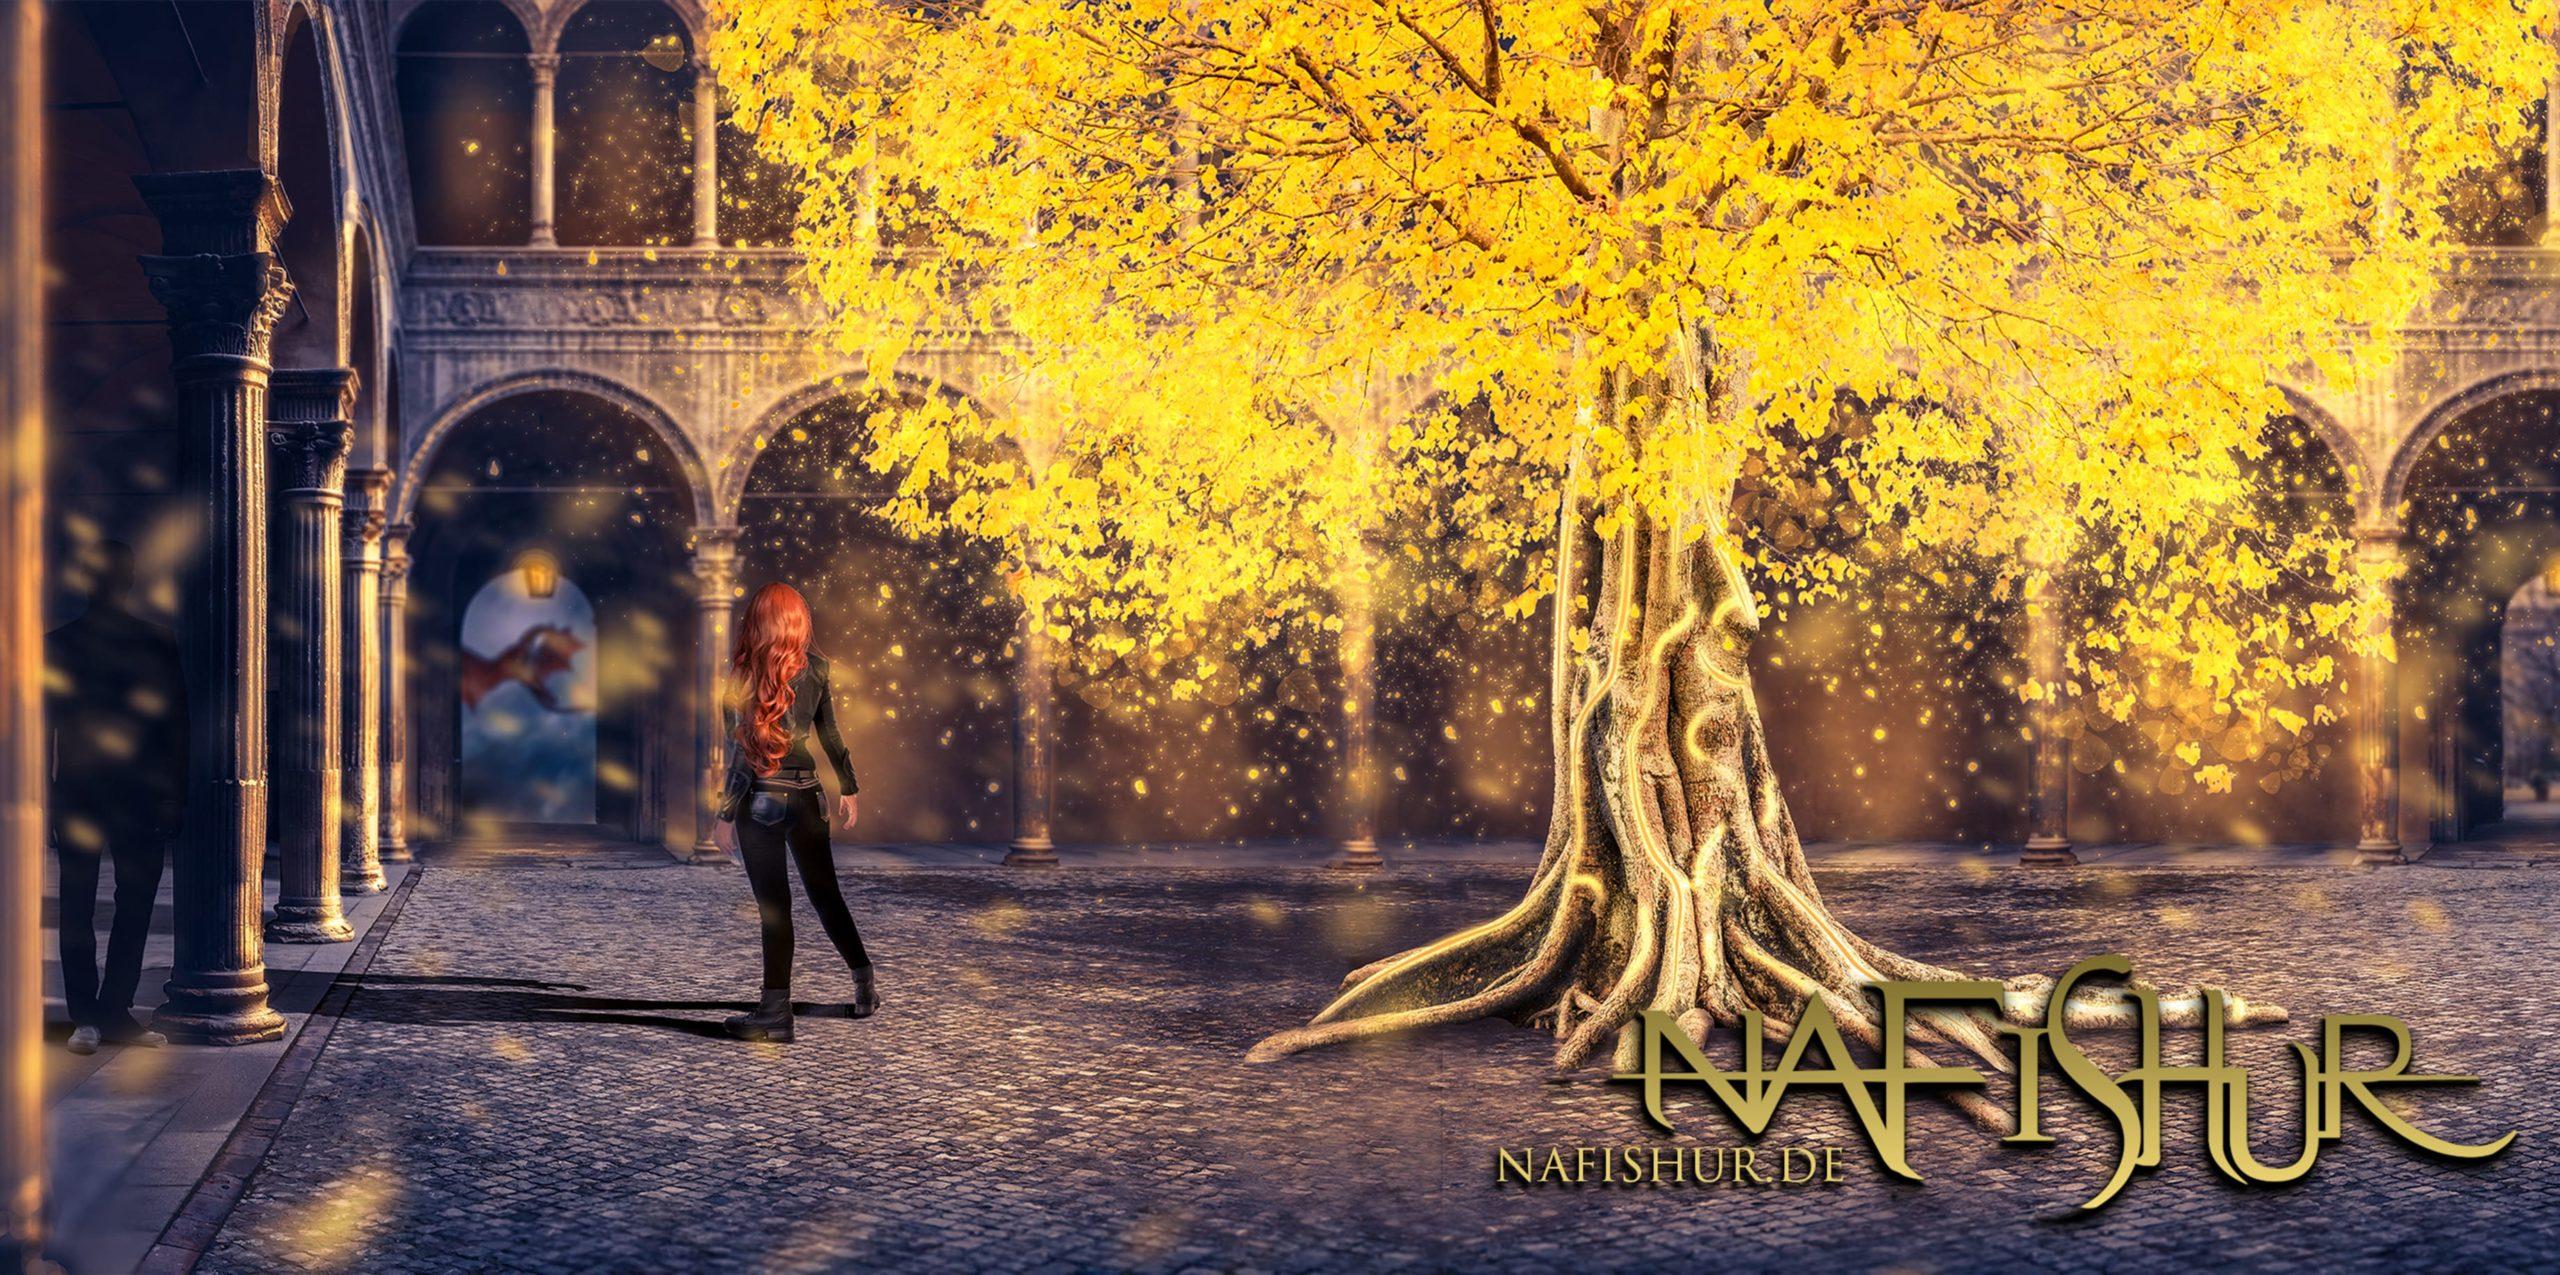 background marycronos world nafishur01 akademie-min